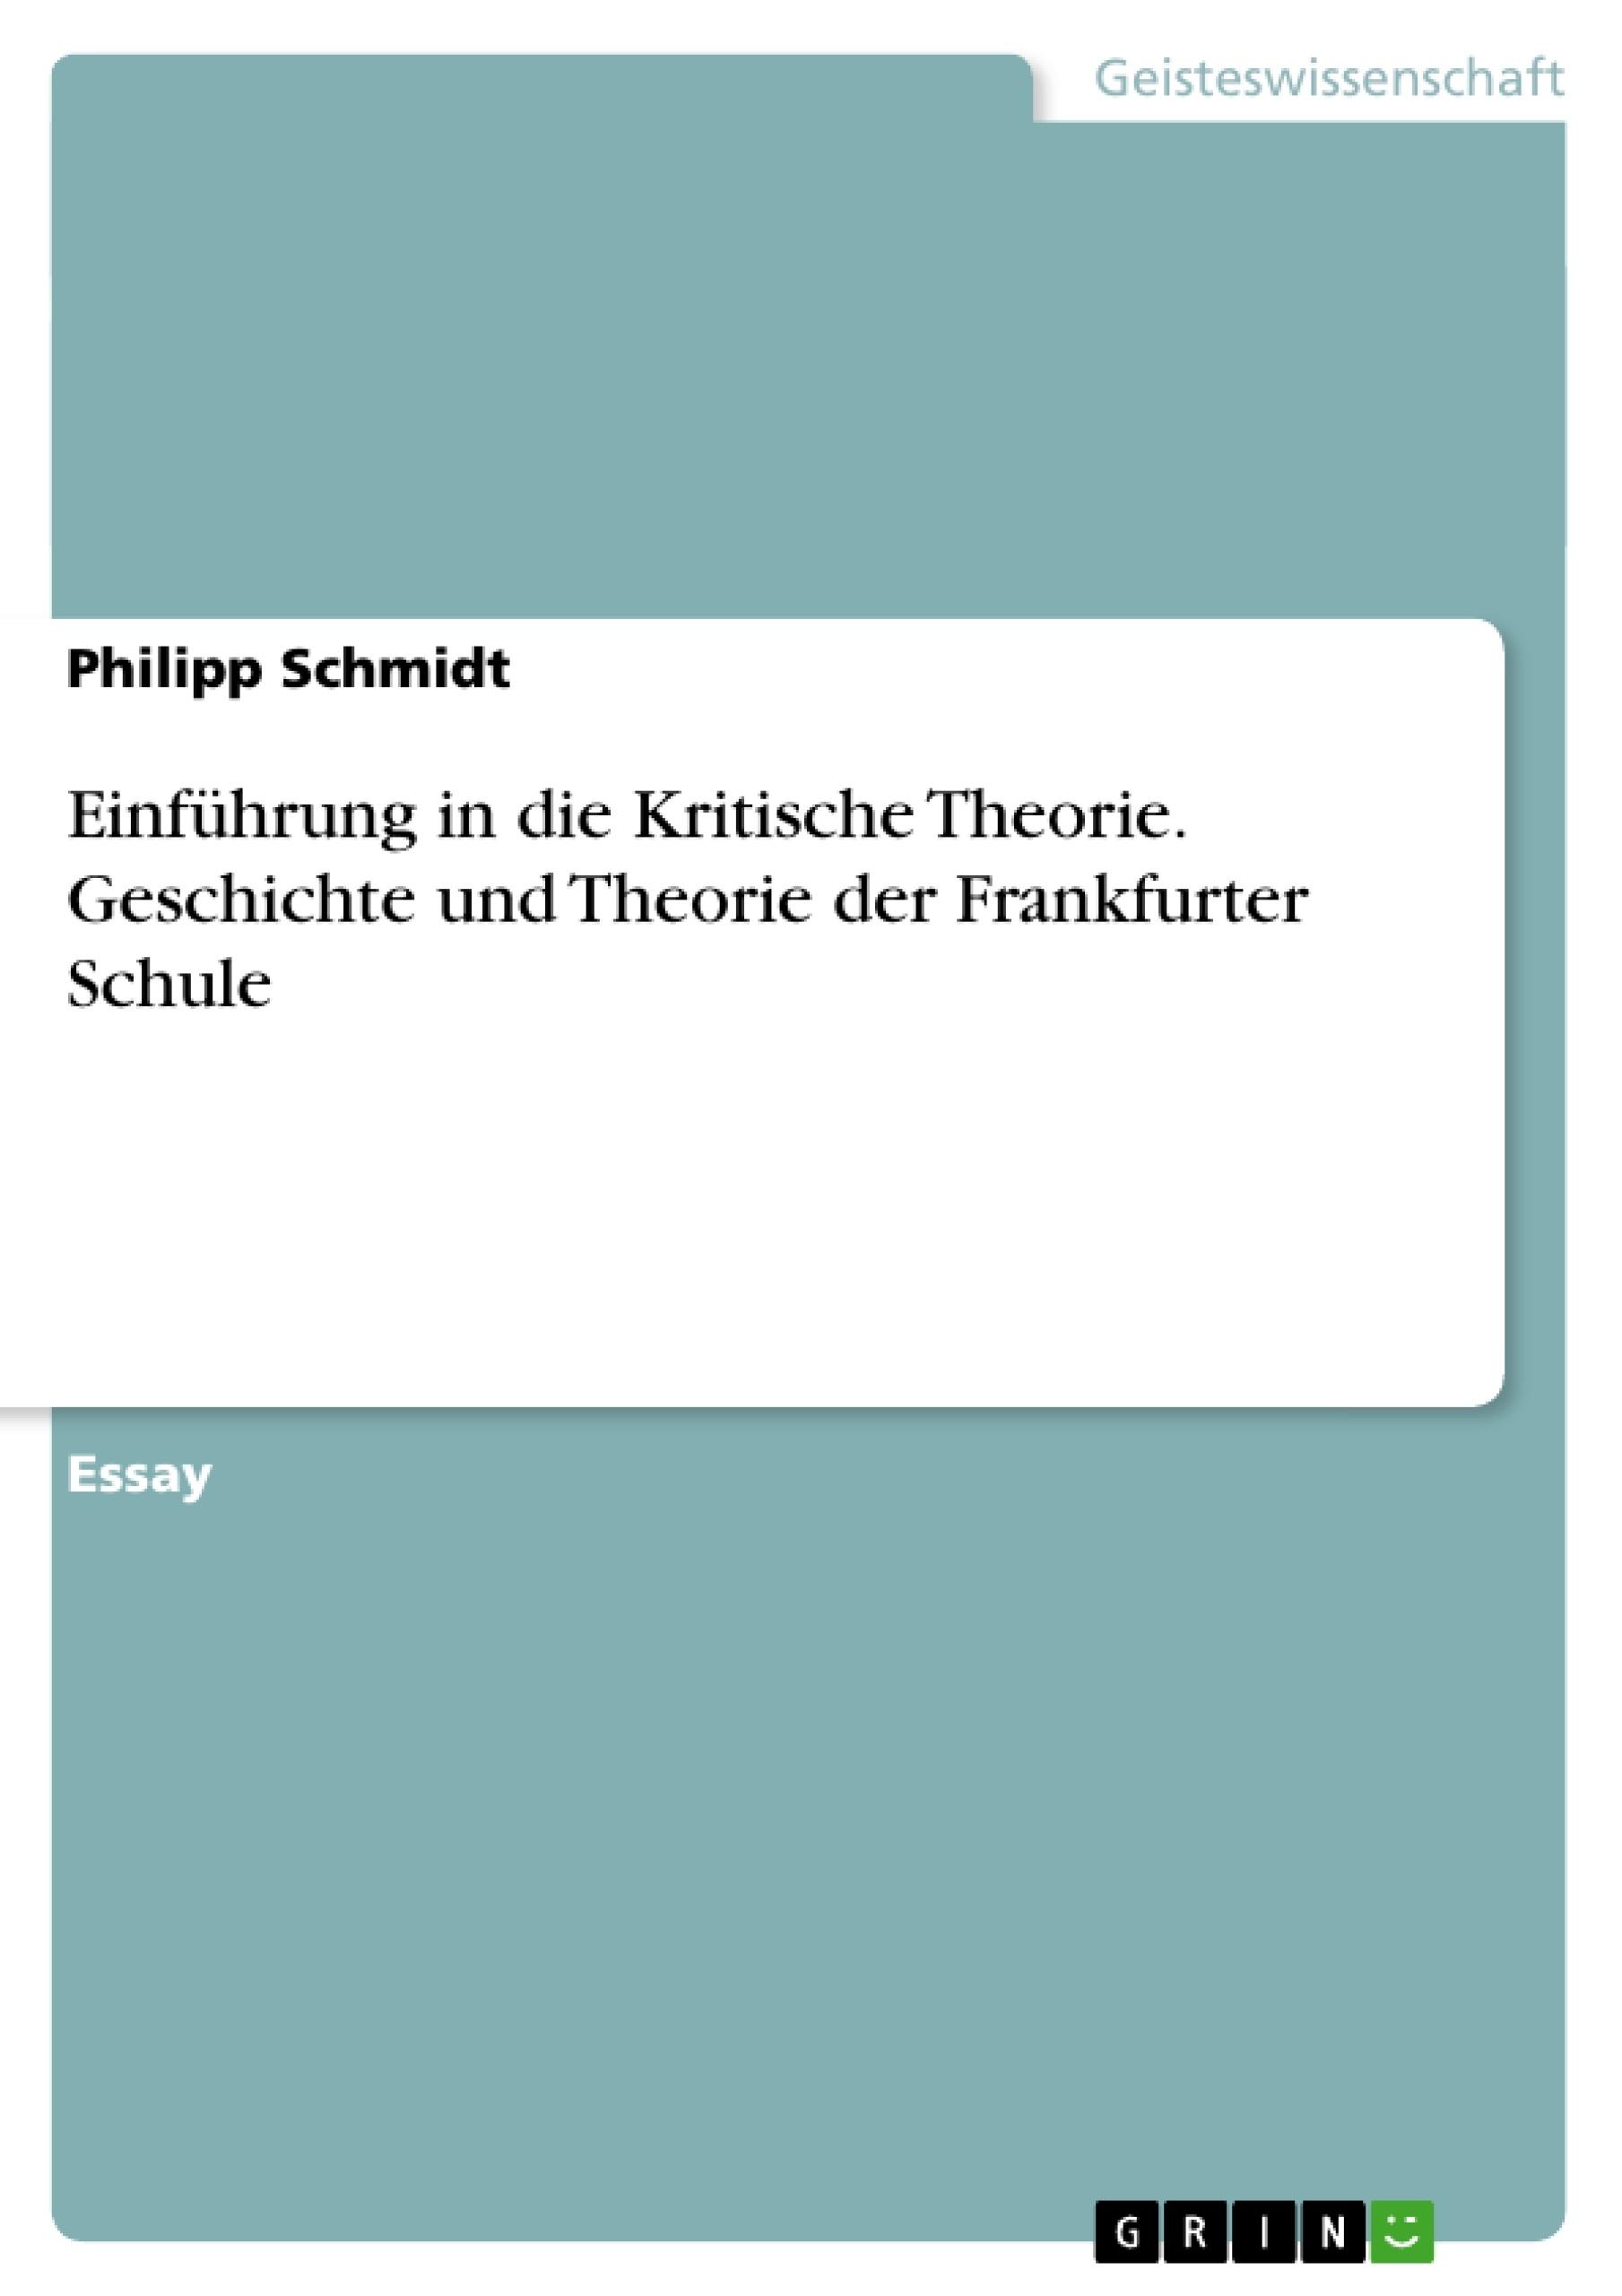 Titel: Einführung in die Kritische Theorie. Geschichte und Theorie der Frankfurter Schule